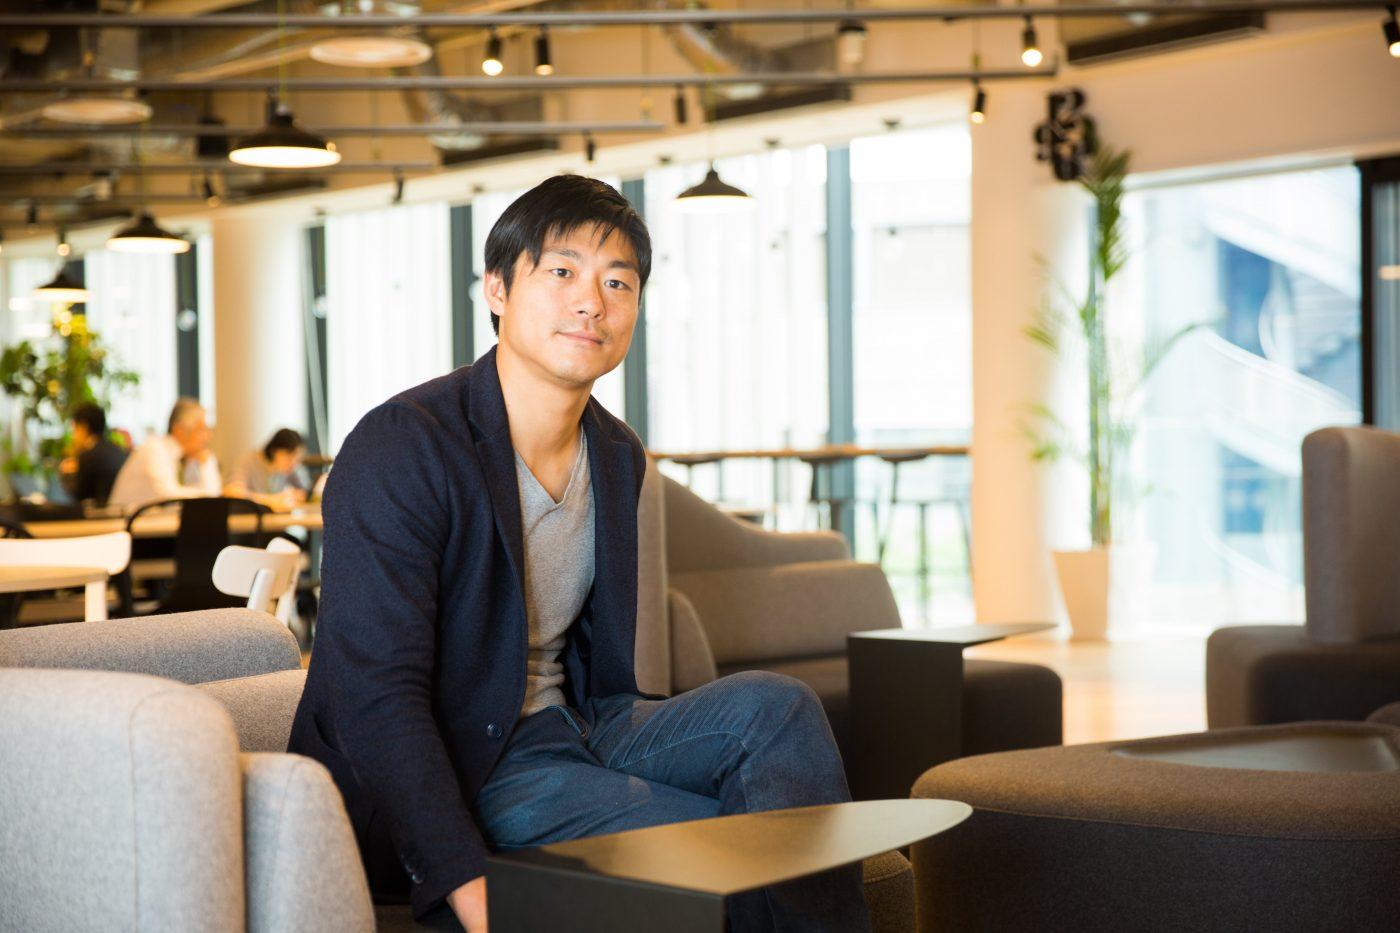 リアルテックが日本に、世界に浸透していく未来。そんな未来に向けて、リアルテックファンドは挑戦を続ける。これからの未来を、永田氏はこんなふうに捉えていた。